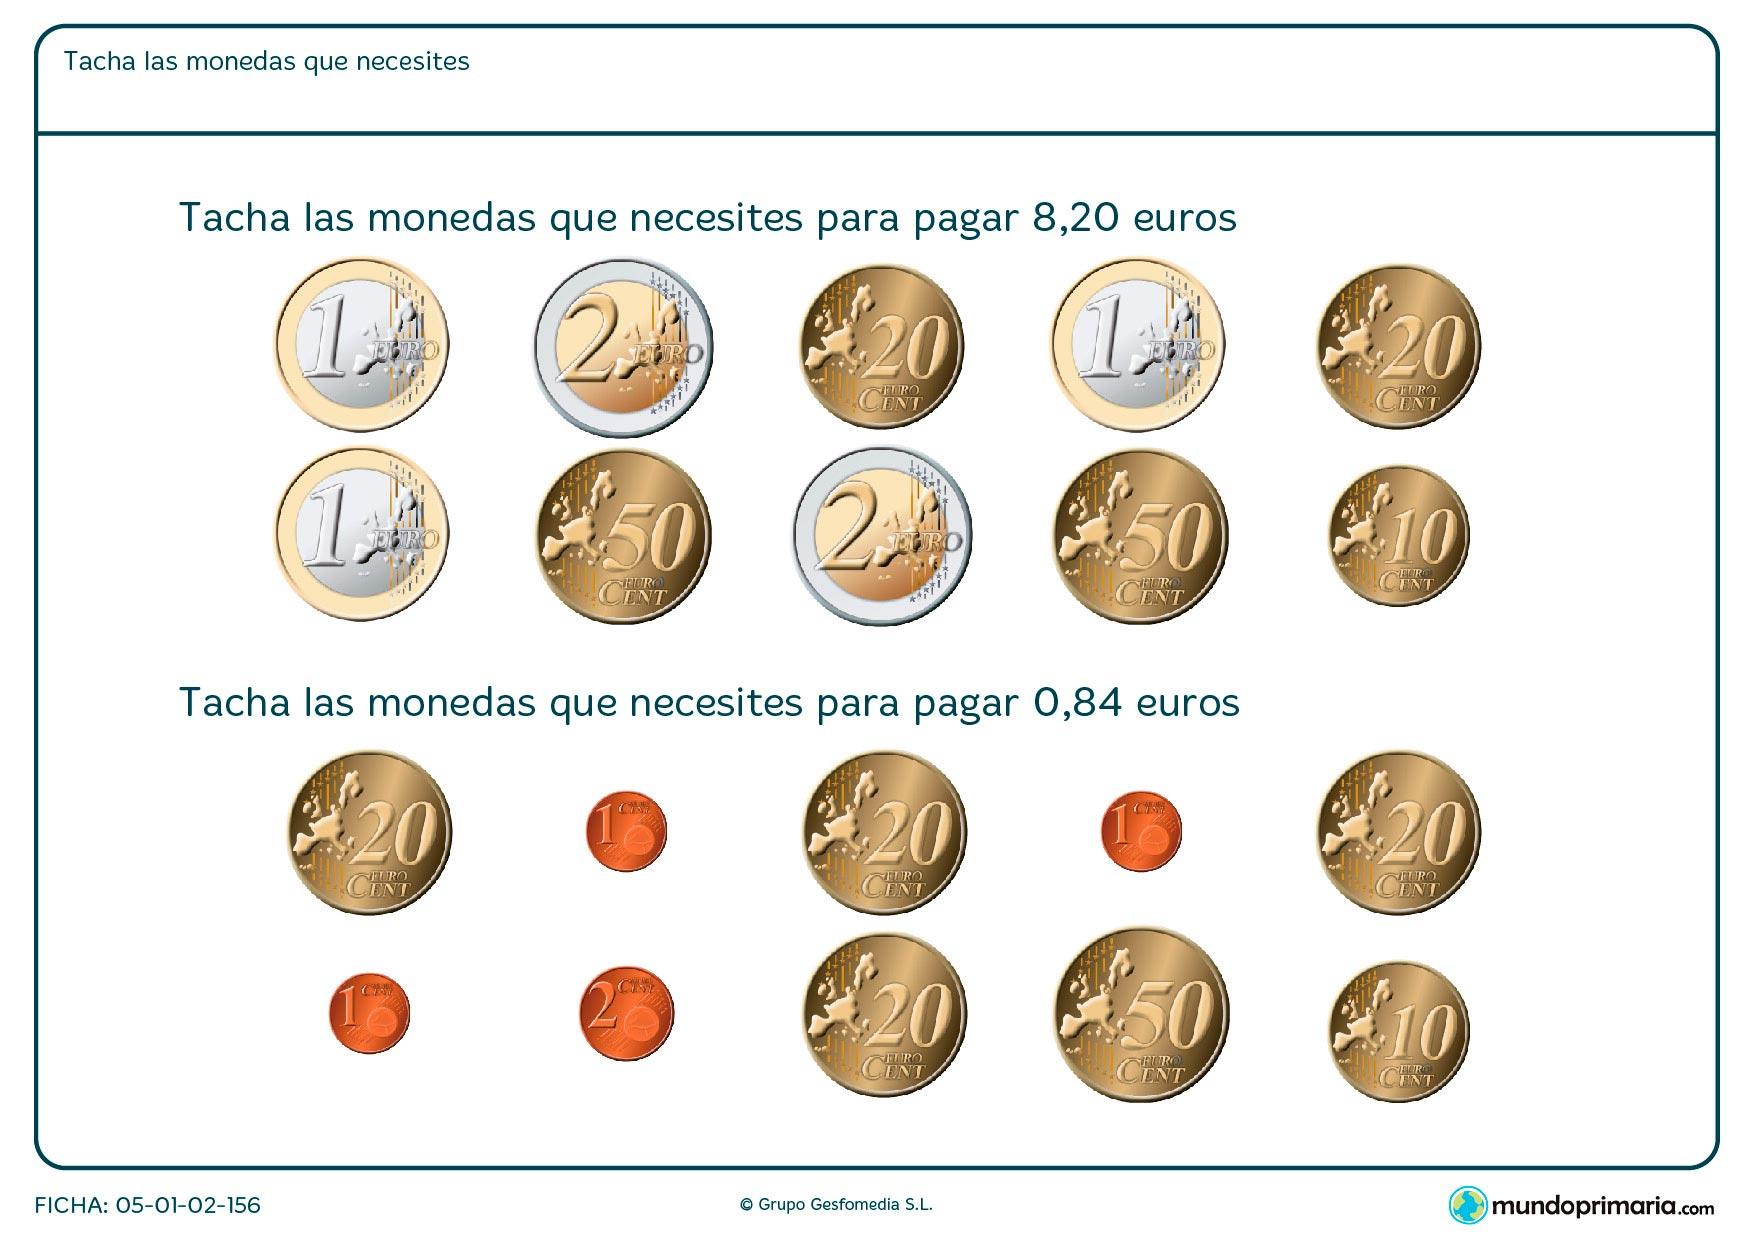 Sumar las monedas necesarias hasta llegar al total del dinero que se pide en el ejercicio para resolver el problema